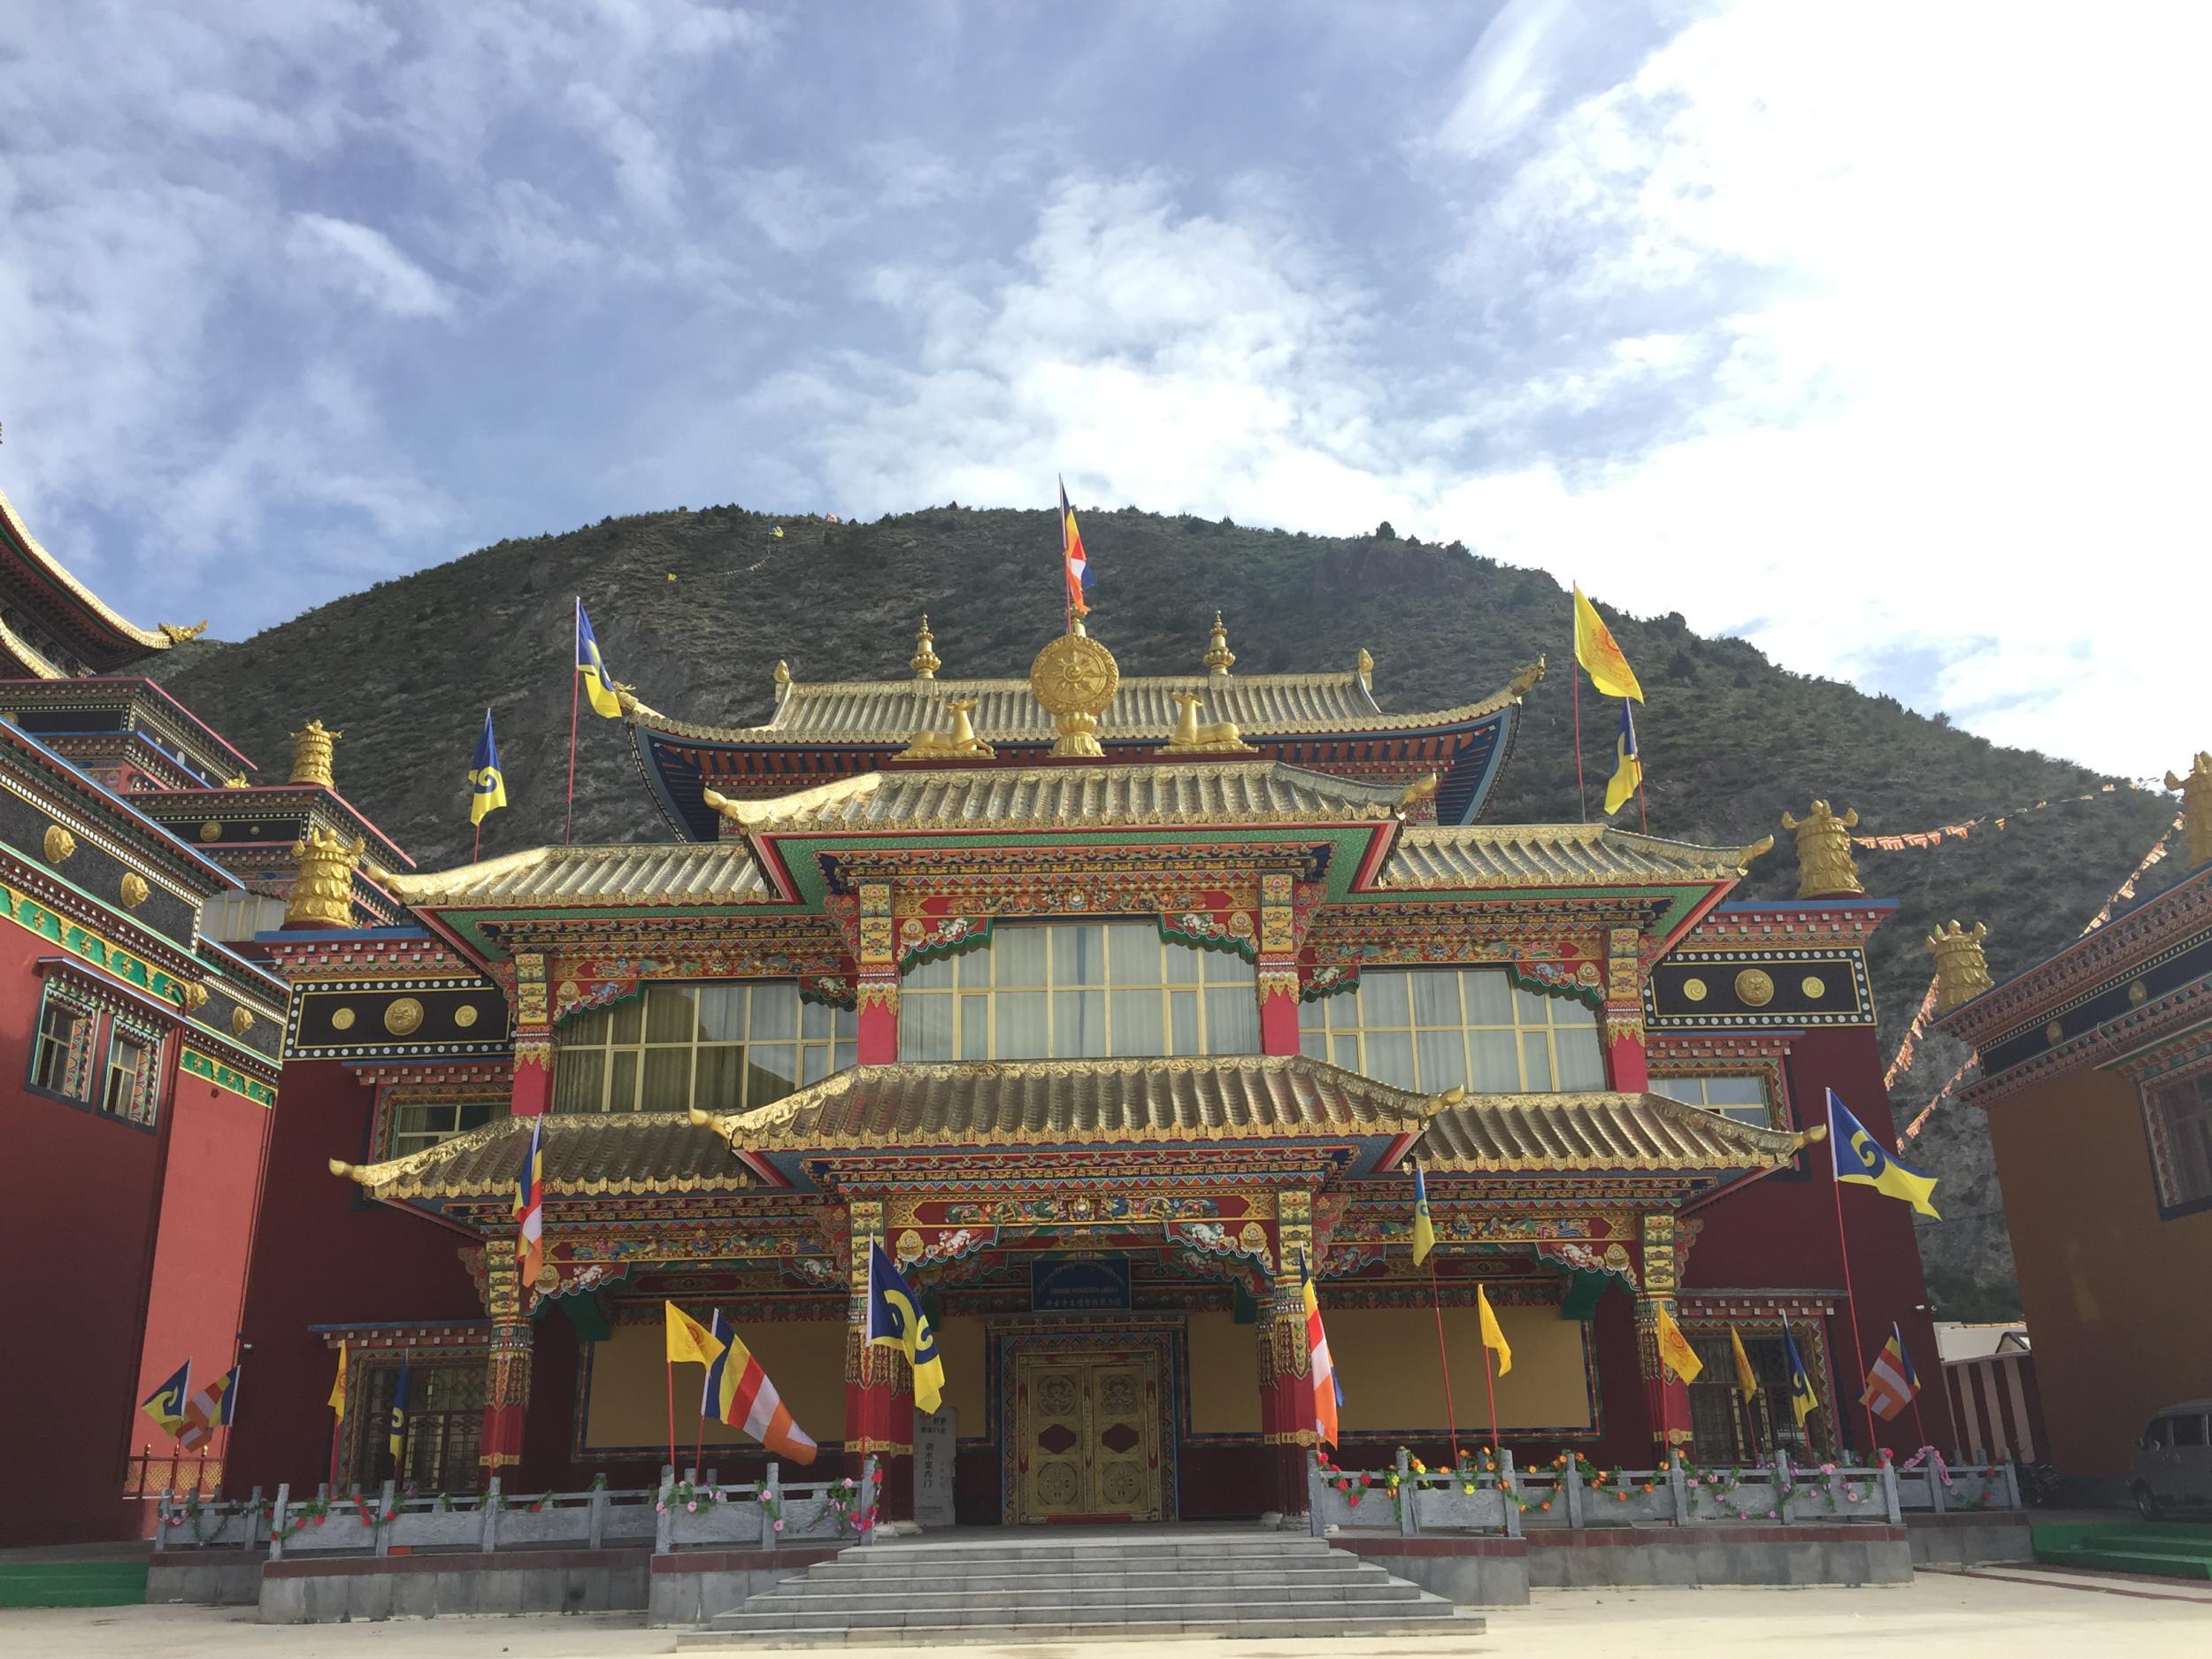 青海玉树文成公主庙_玉树采访活动的22家华文媒体,前往有着千年历史的禅古寺及文成公主庙